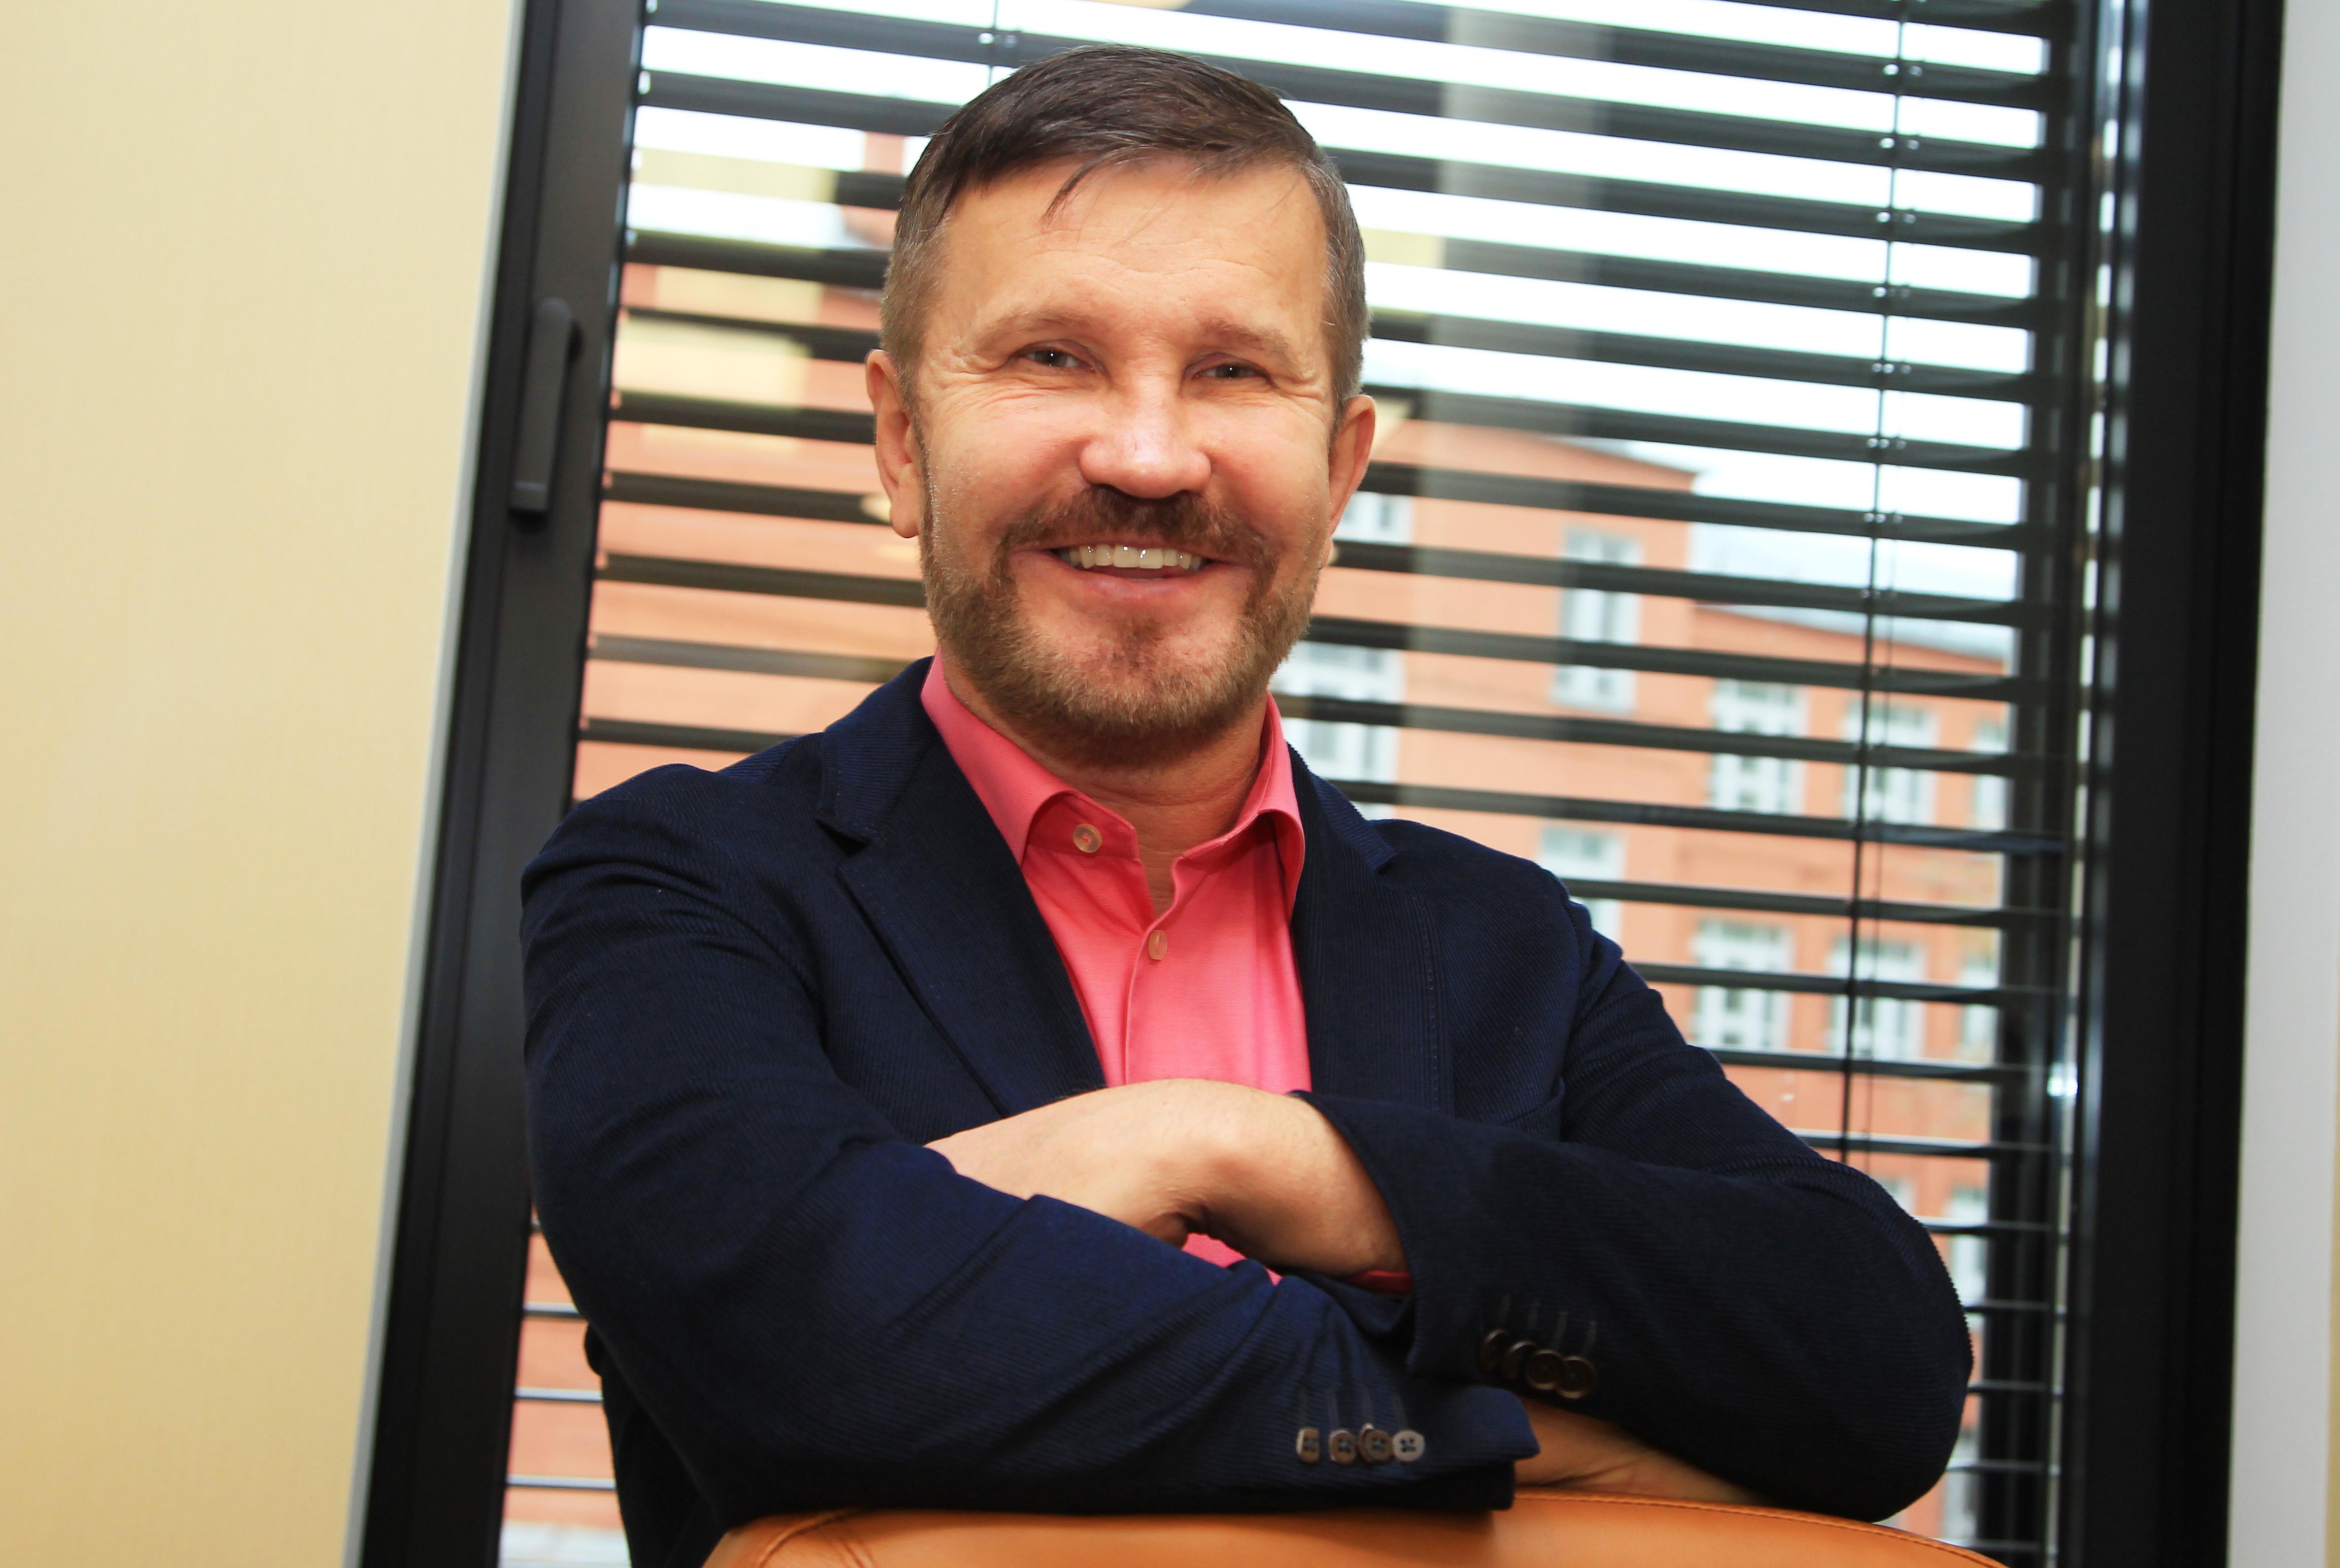 Депутат МГД Семенников: В Москве совершенствуется аппаратно-программный комплекс «Безопасный город»